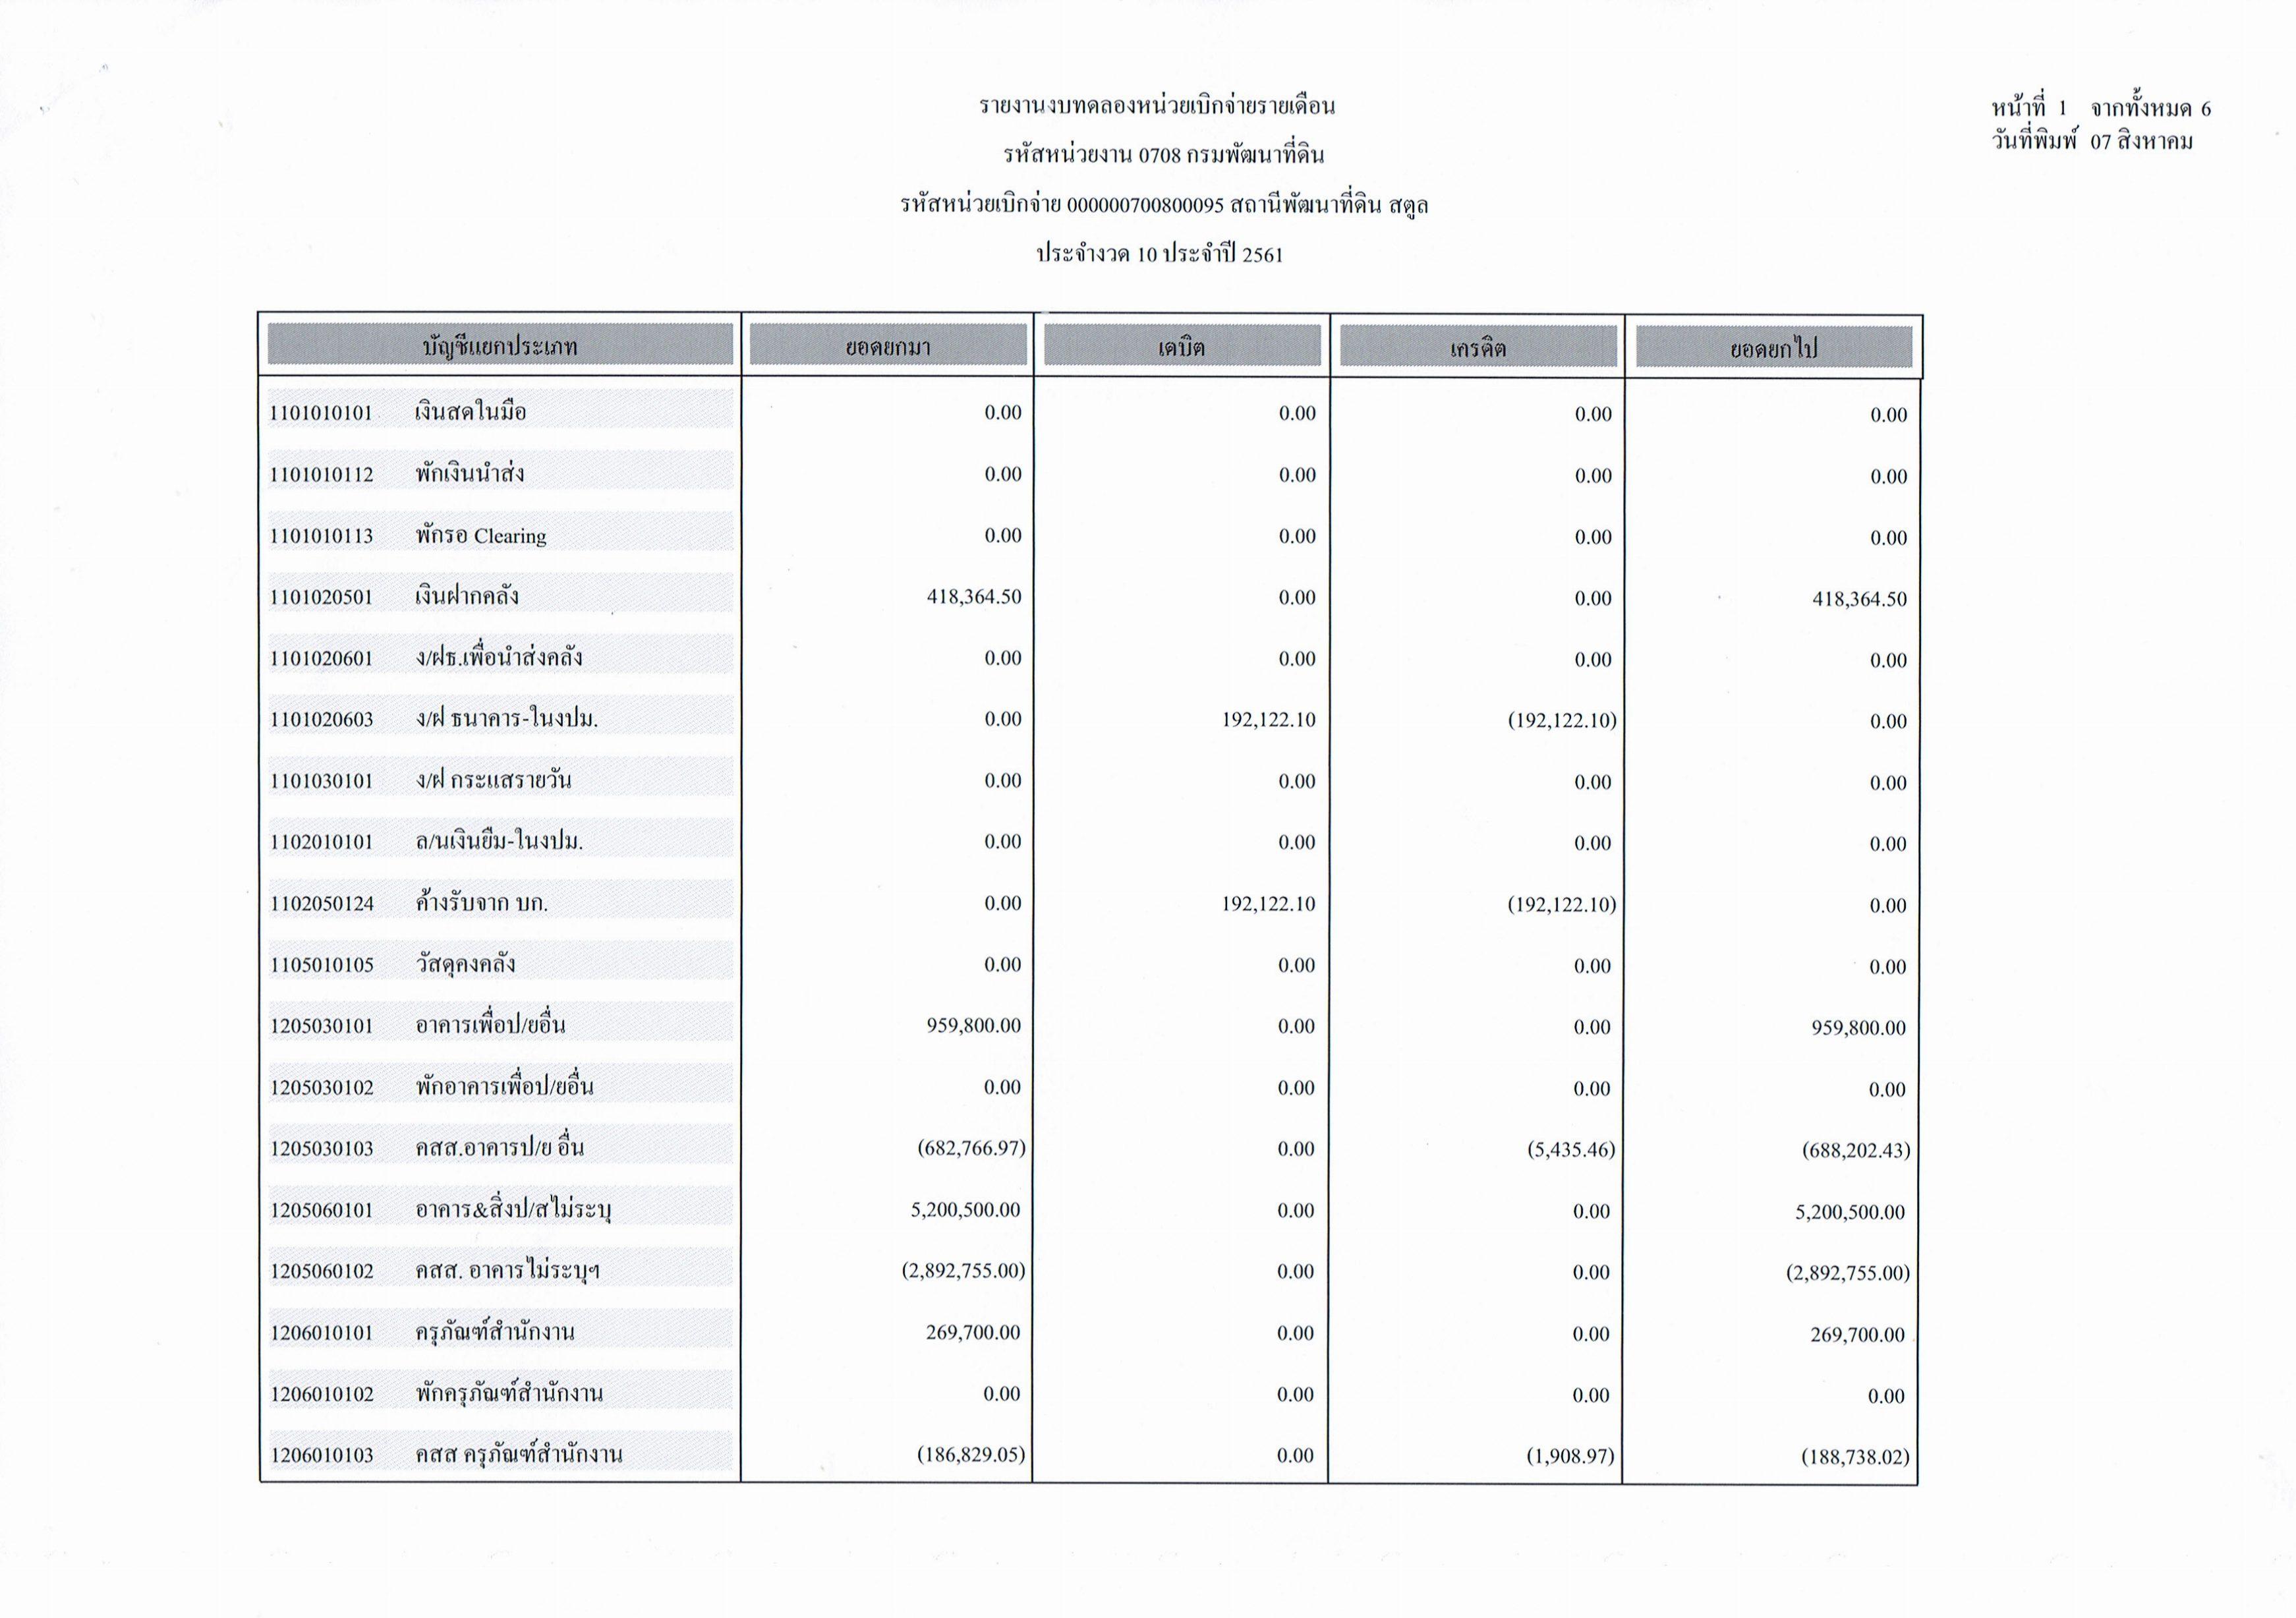 รายงานงบทดลองหน่วยเบิกจ่ายรายเดือนกรกฎาคม ประจำงวด 10 ประจำปี 2561_1